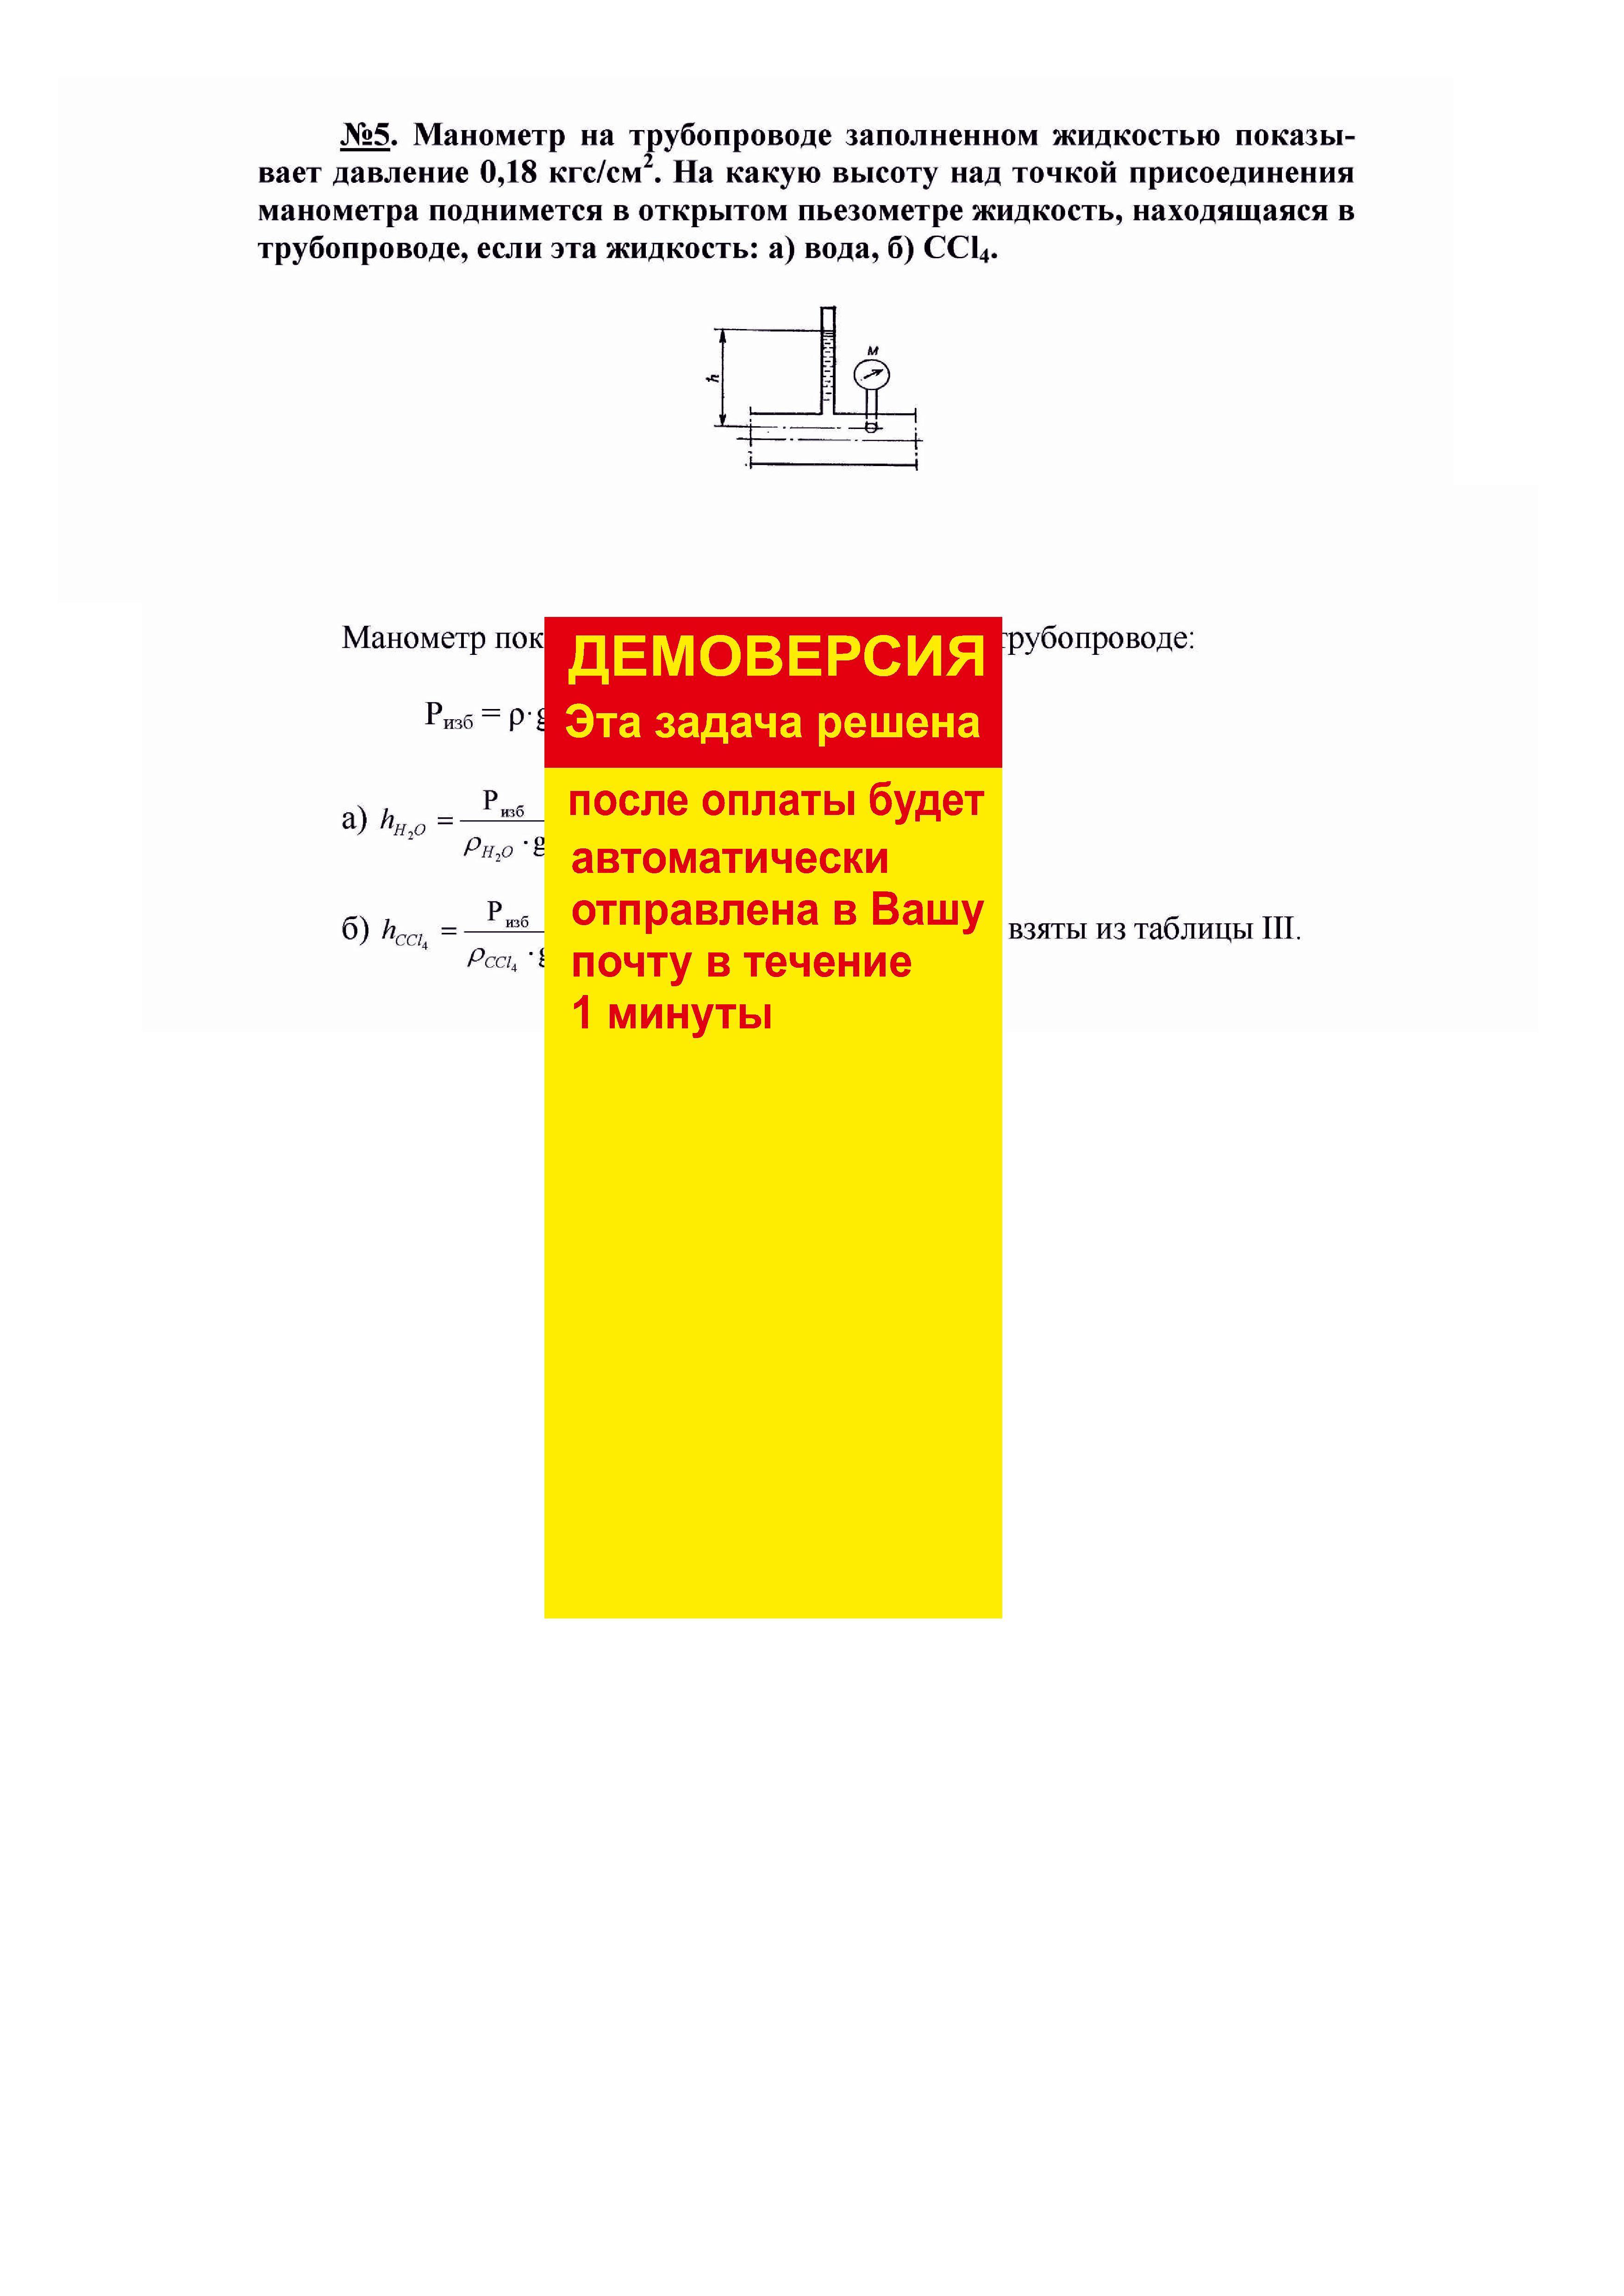 Решение задачи 1.5 по ПАХТ из задачника Павлова Романкова Носкова